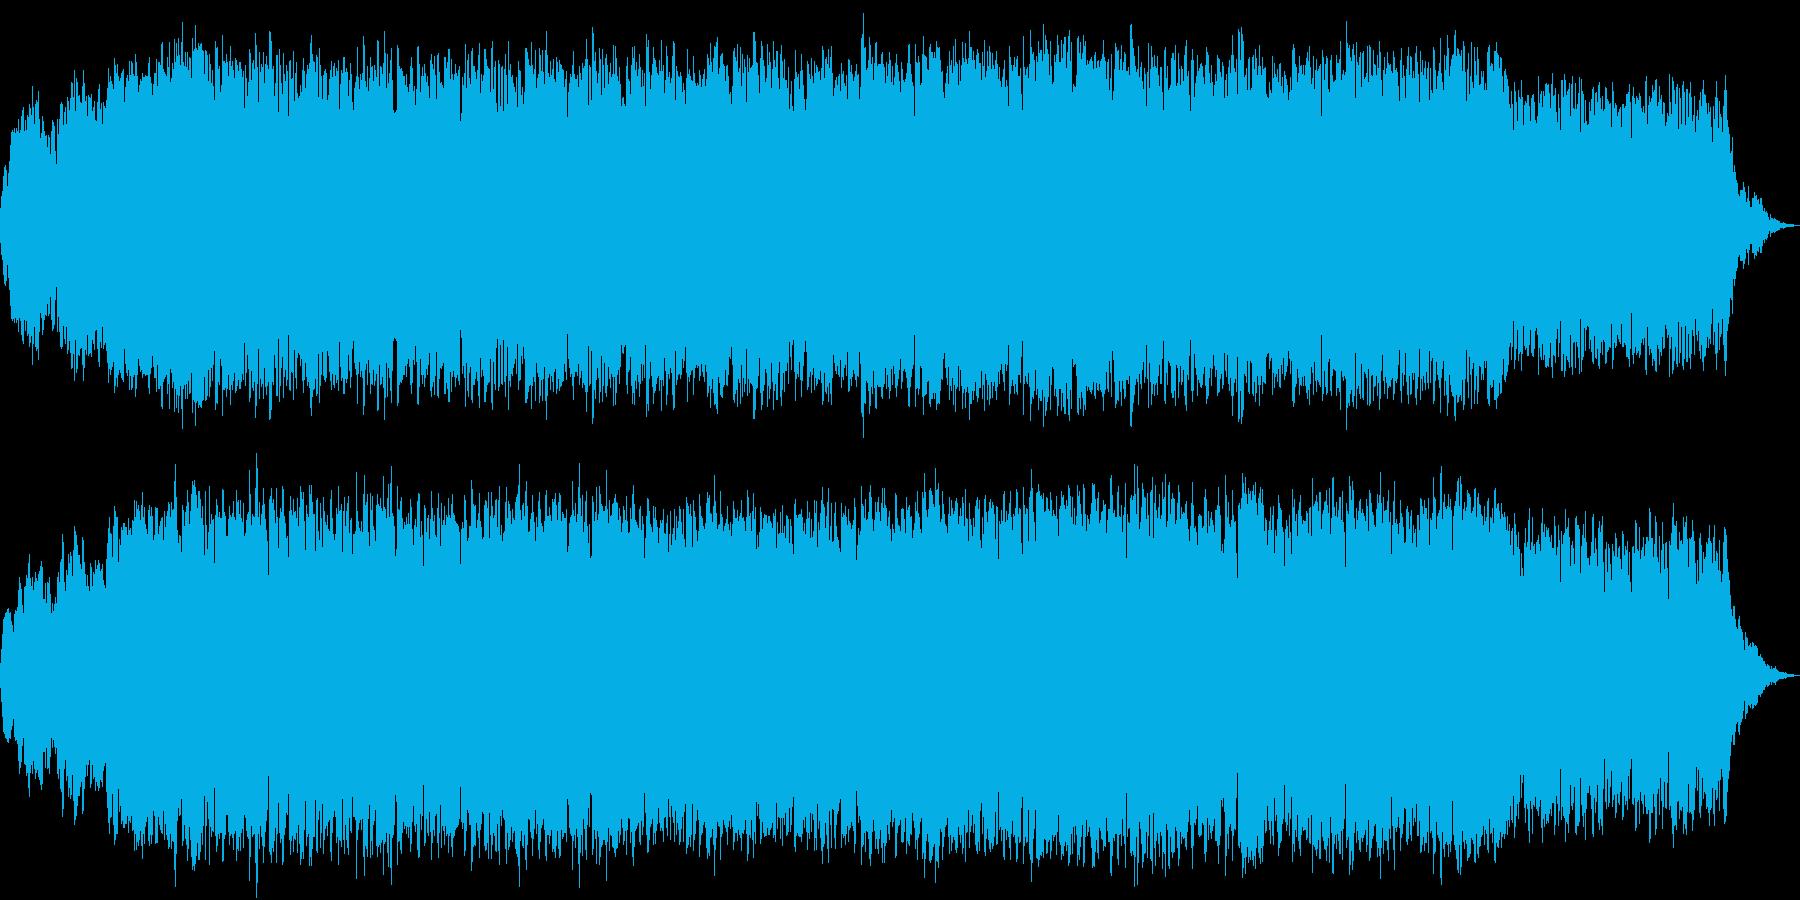 和風のダンスミュージックの再生済みの波形